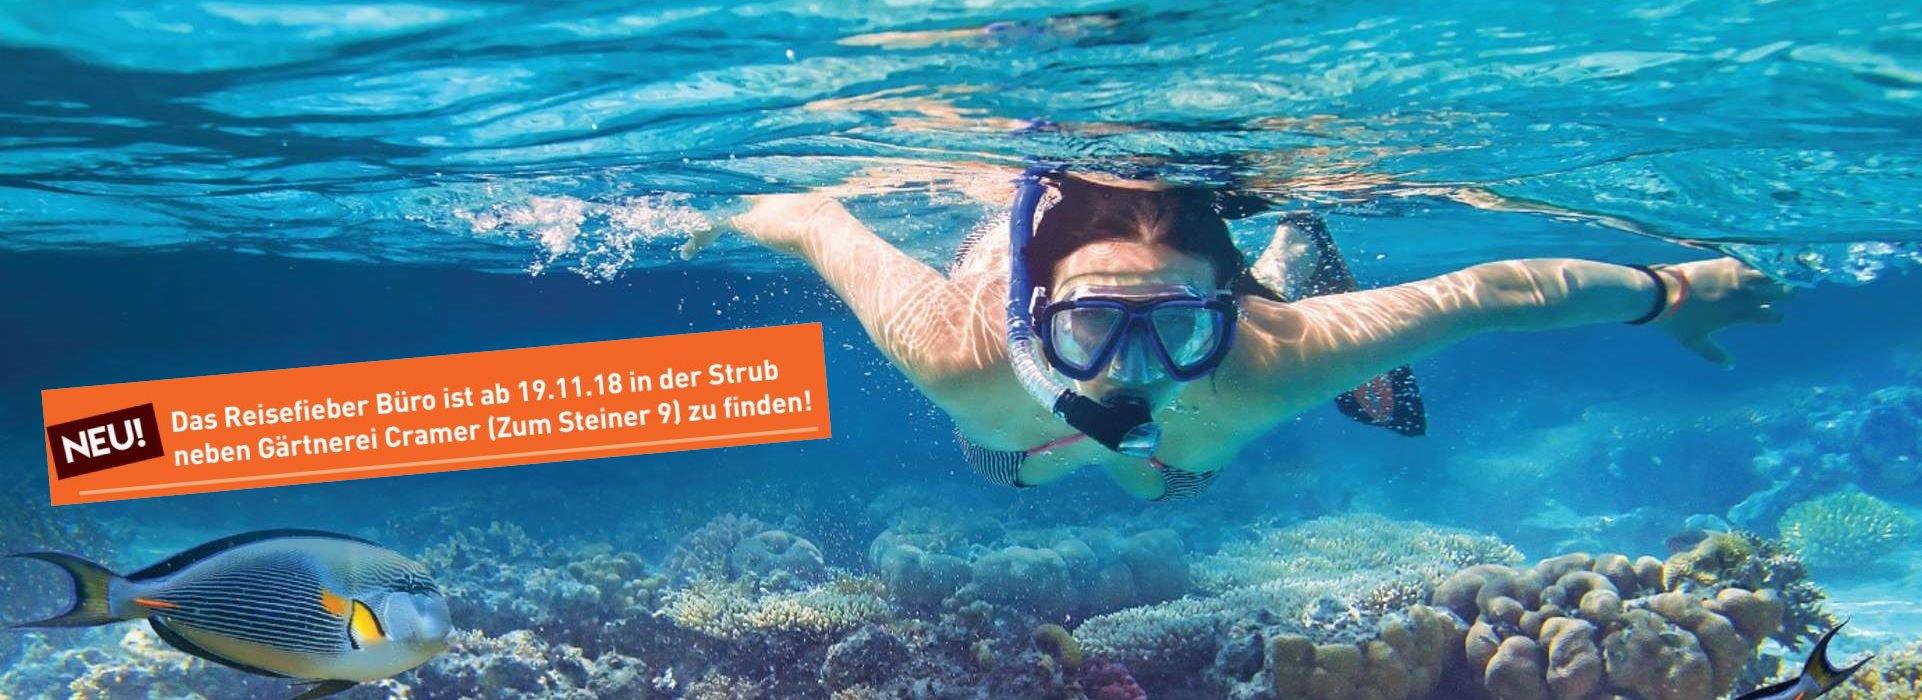 Reisebüro Reisefieber in Bischofswiesen bei Berchtesgaden